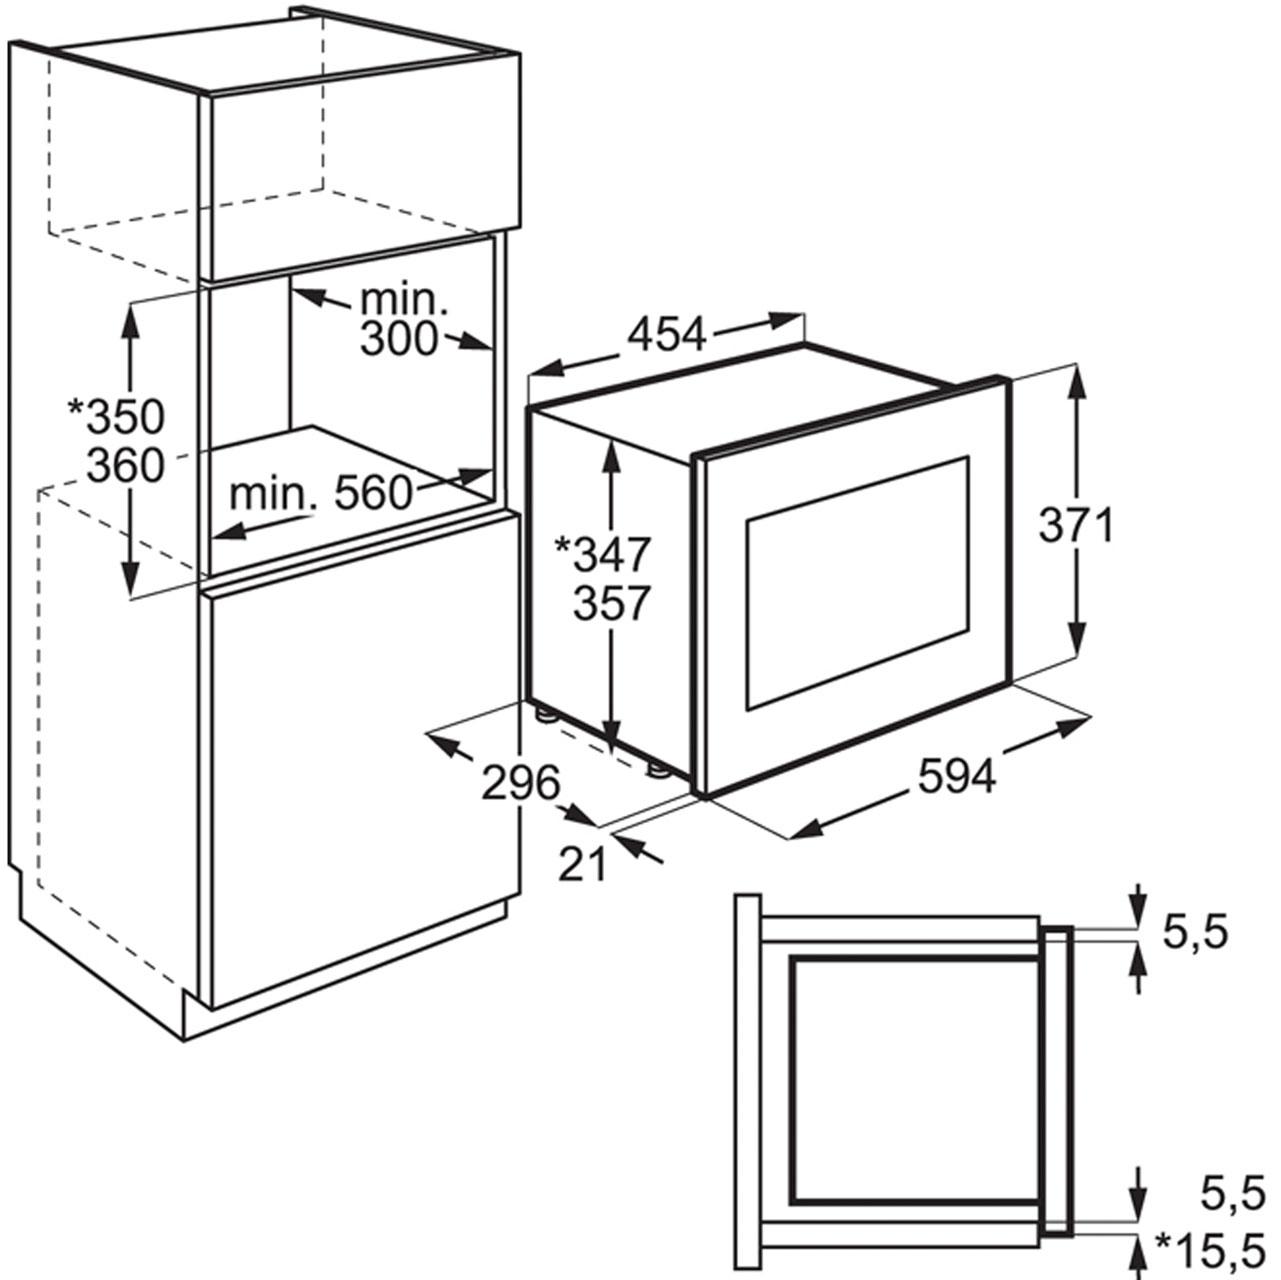 Standard Microwave Dimensions Bestmicrowave